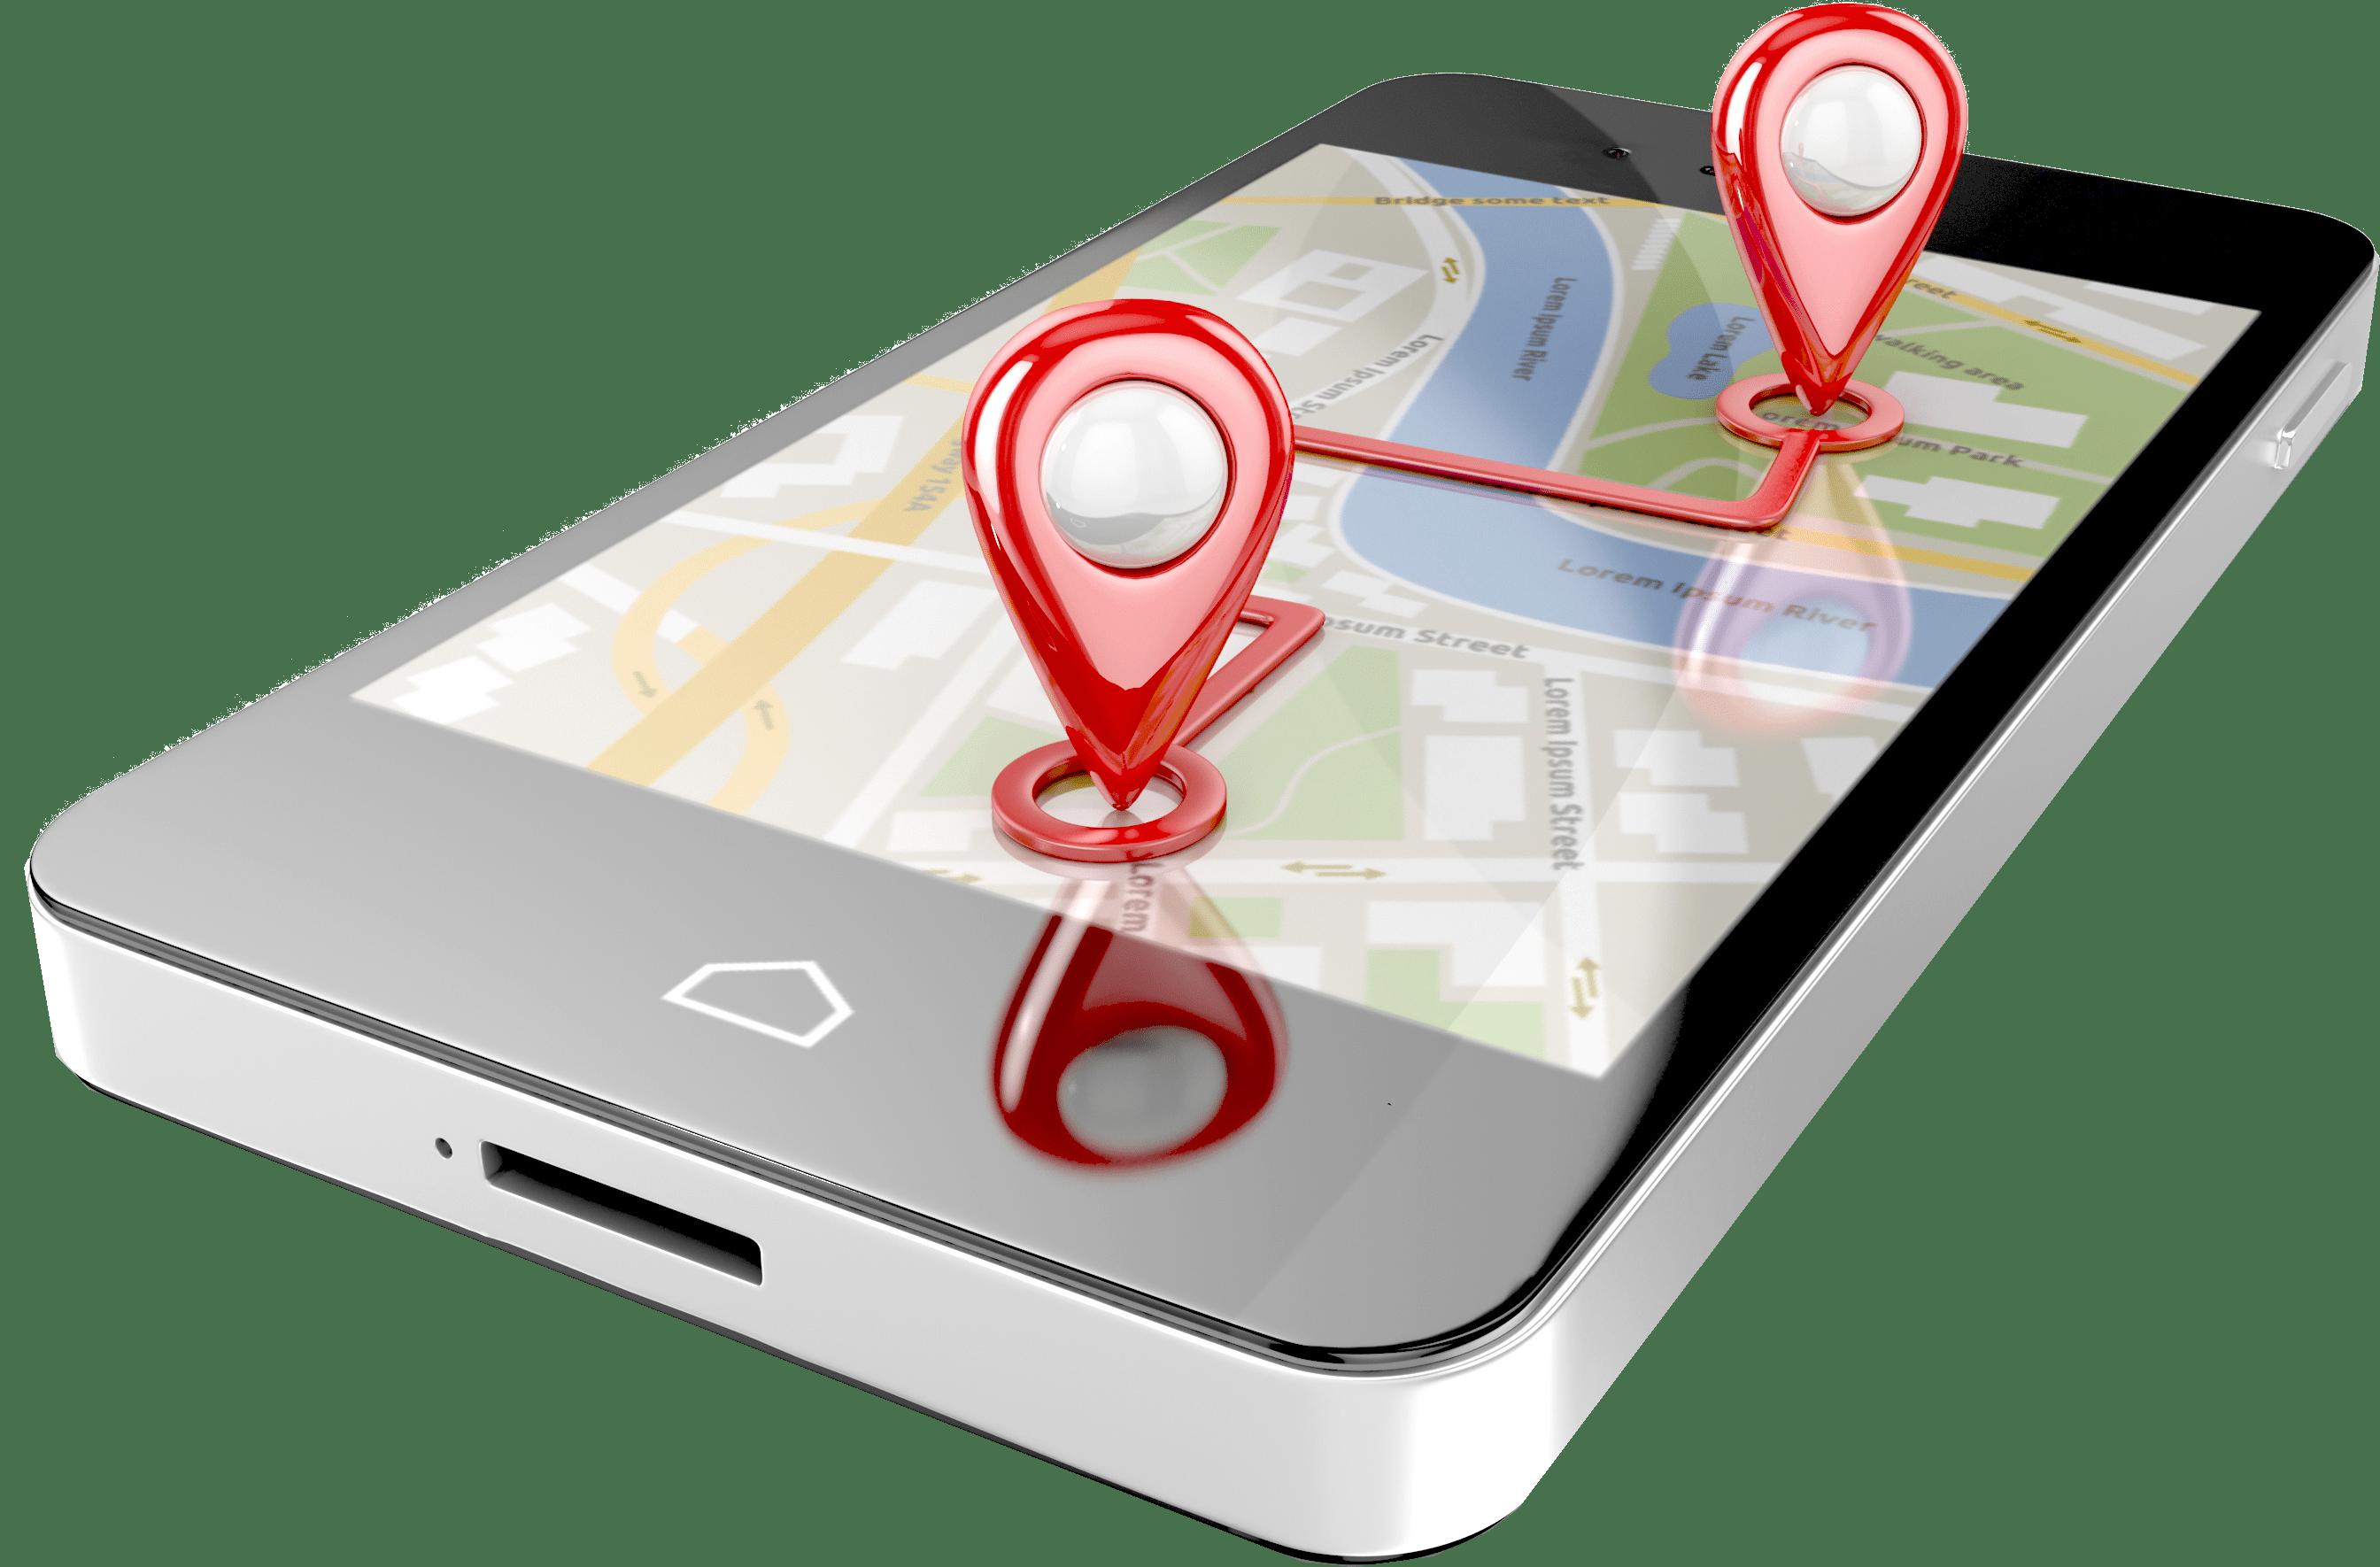 Siti web per Enti pubblici e privati